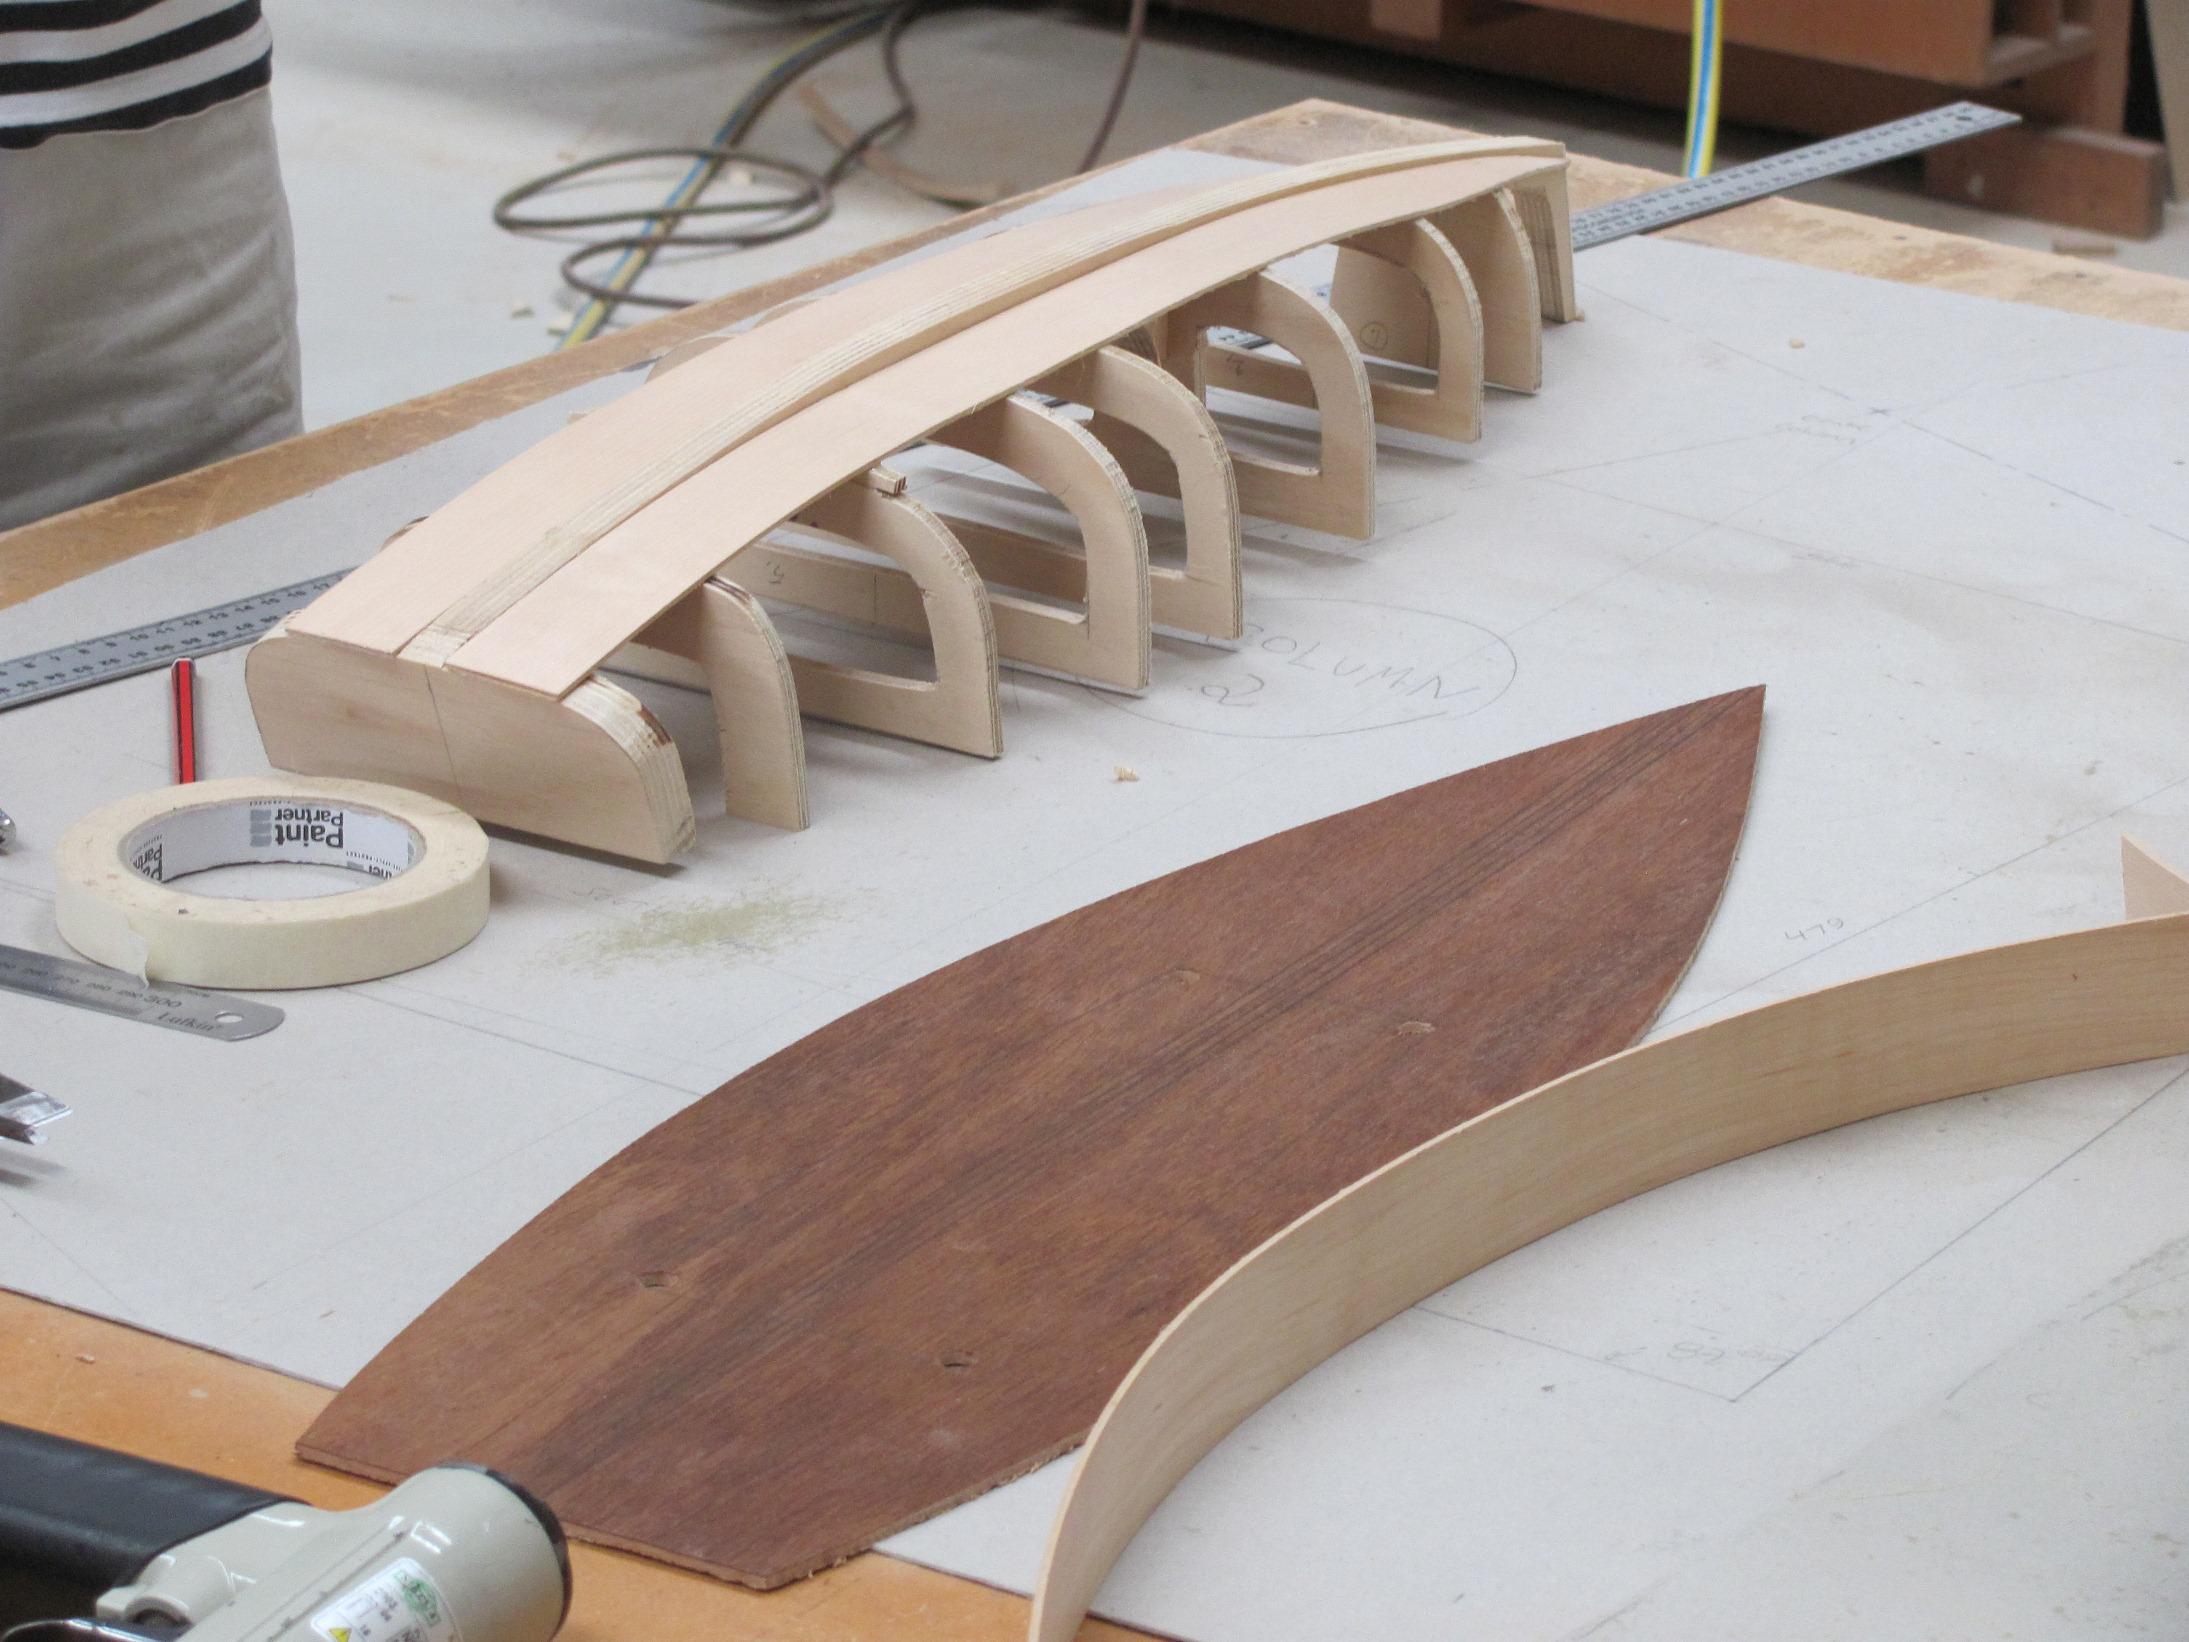 Swan 53 model in progress